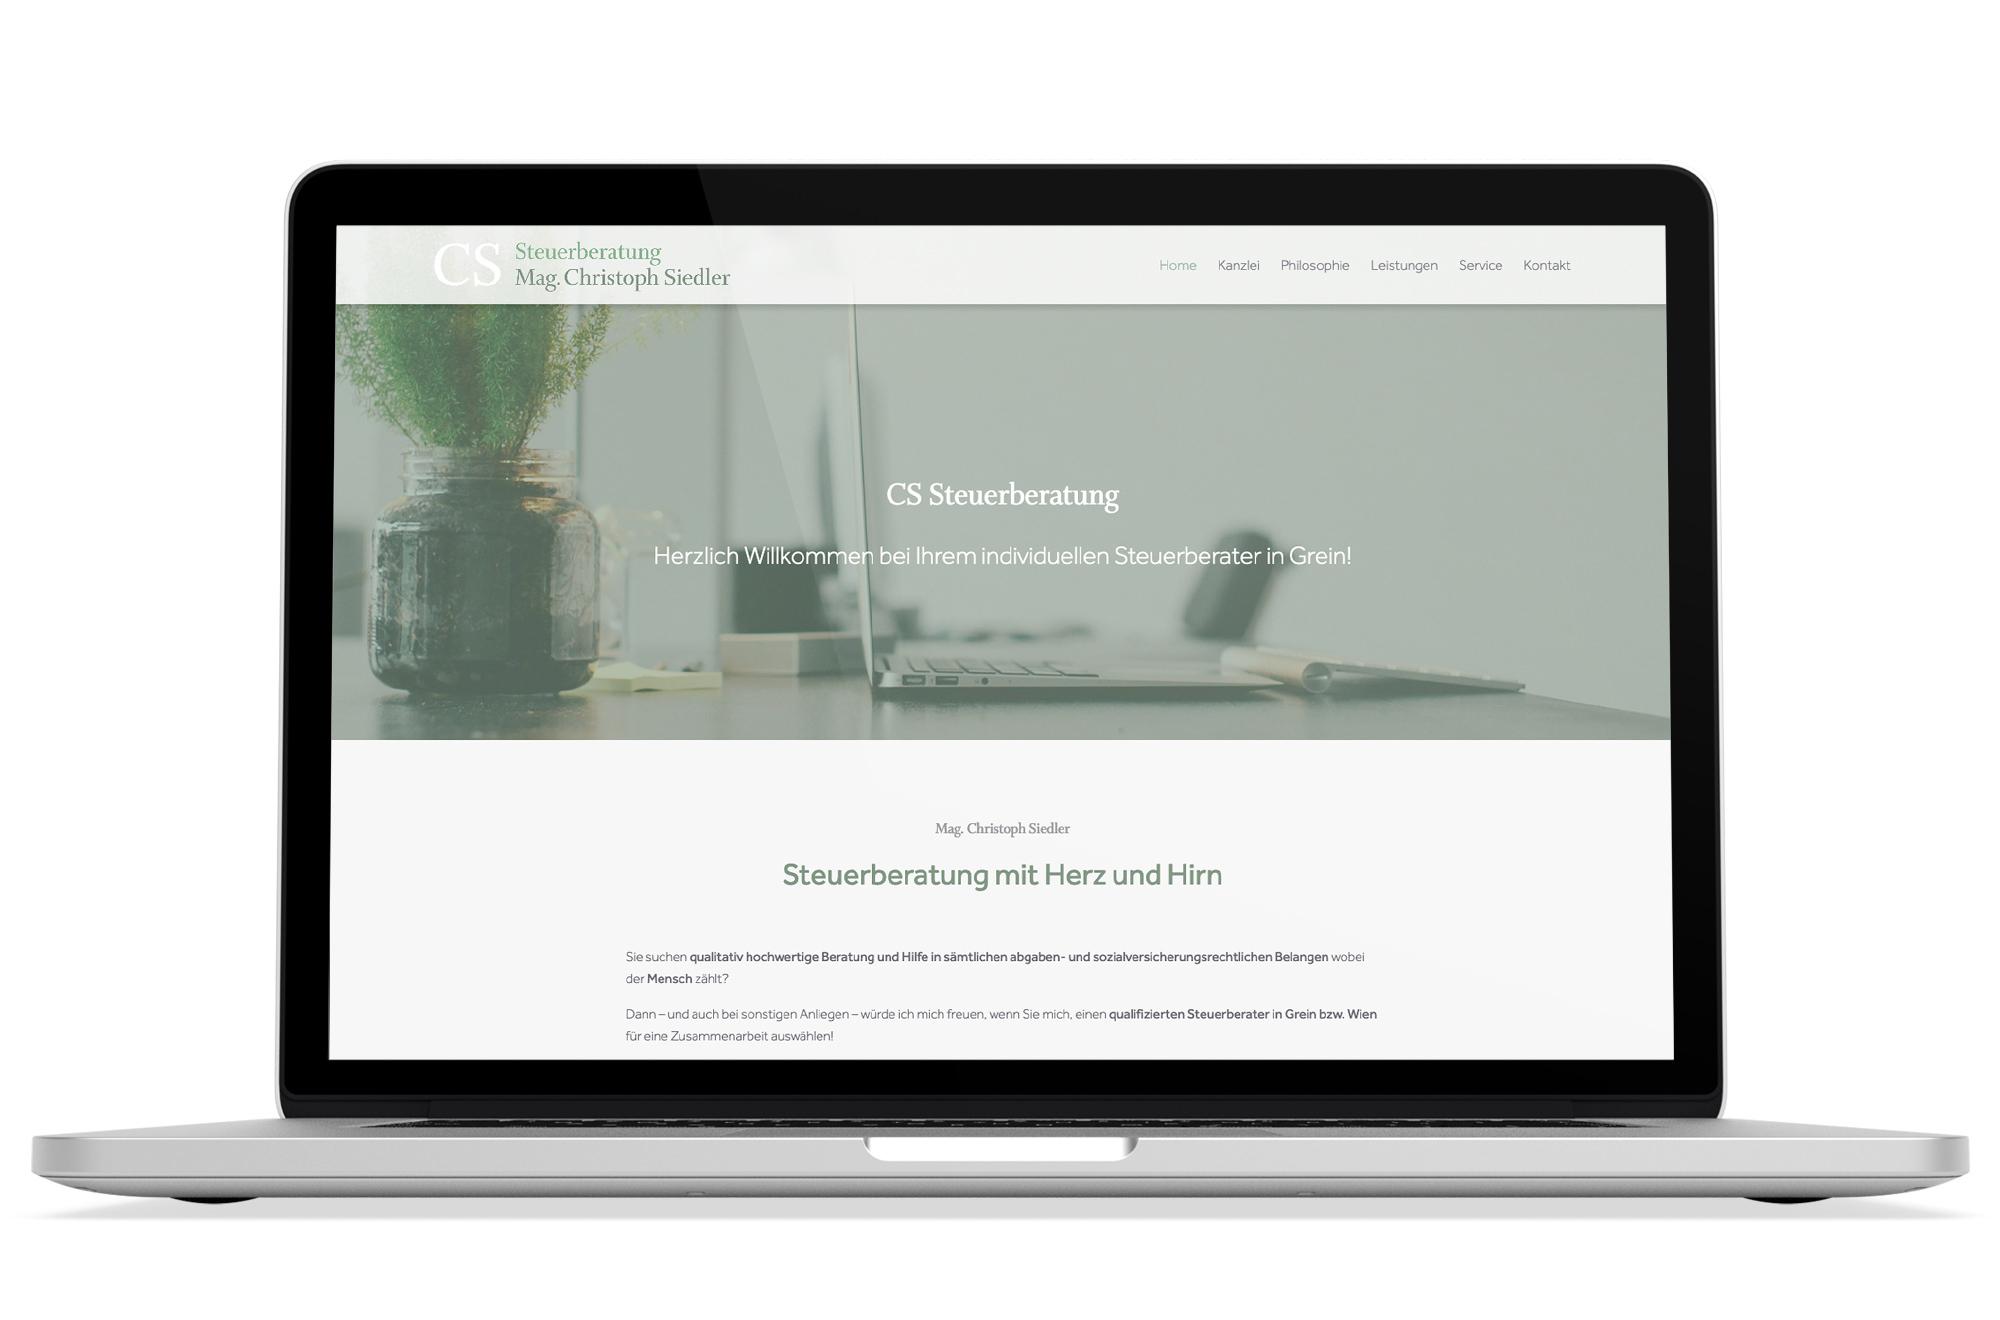 Webdesign Beispiel: Responsive Webdesign, WordPress für Steuerberater in Grein